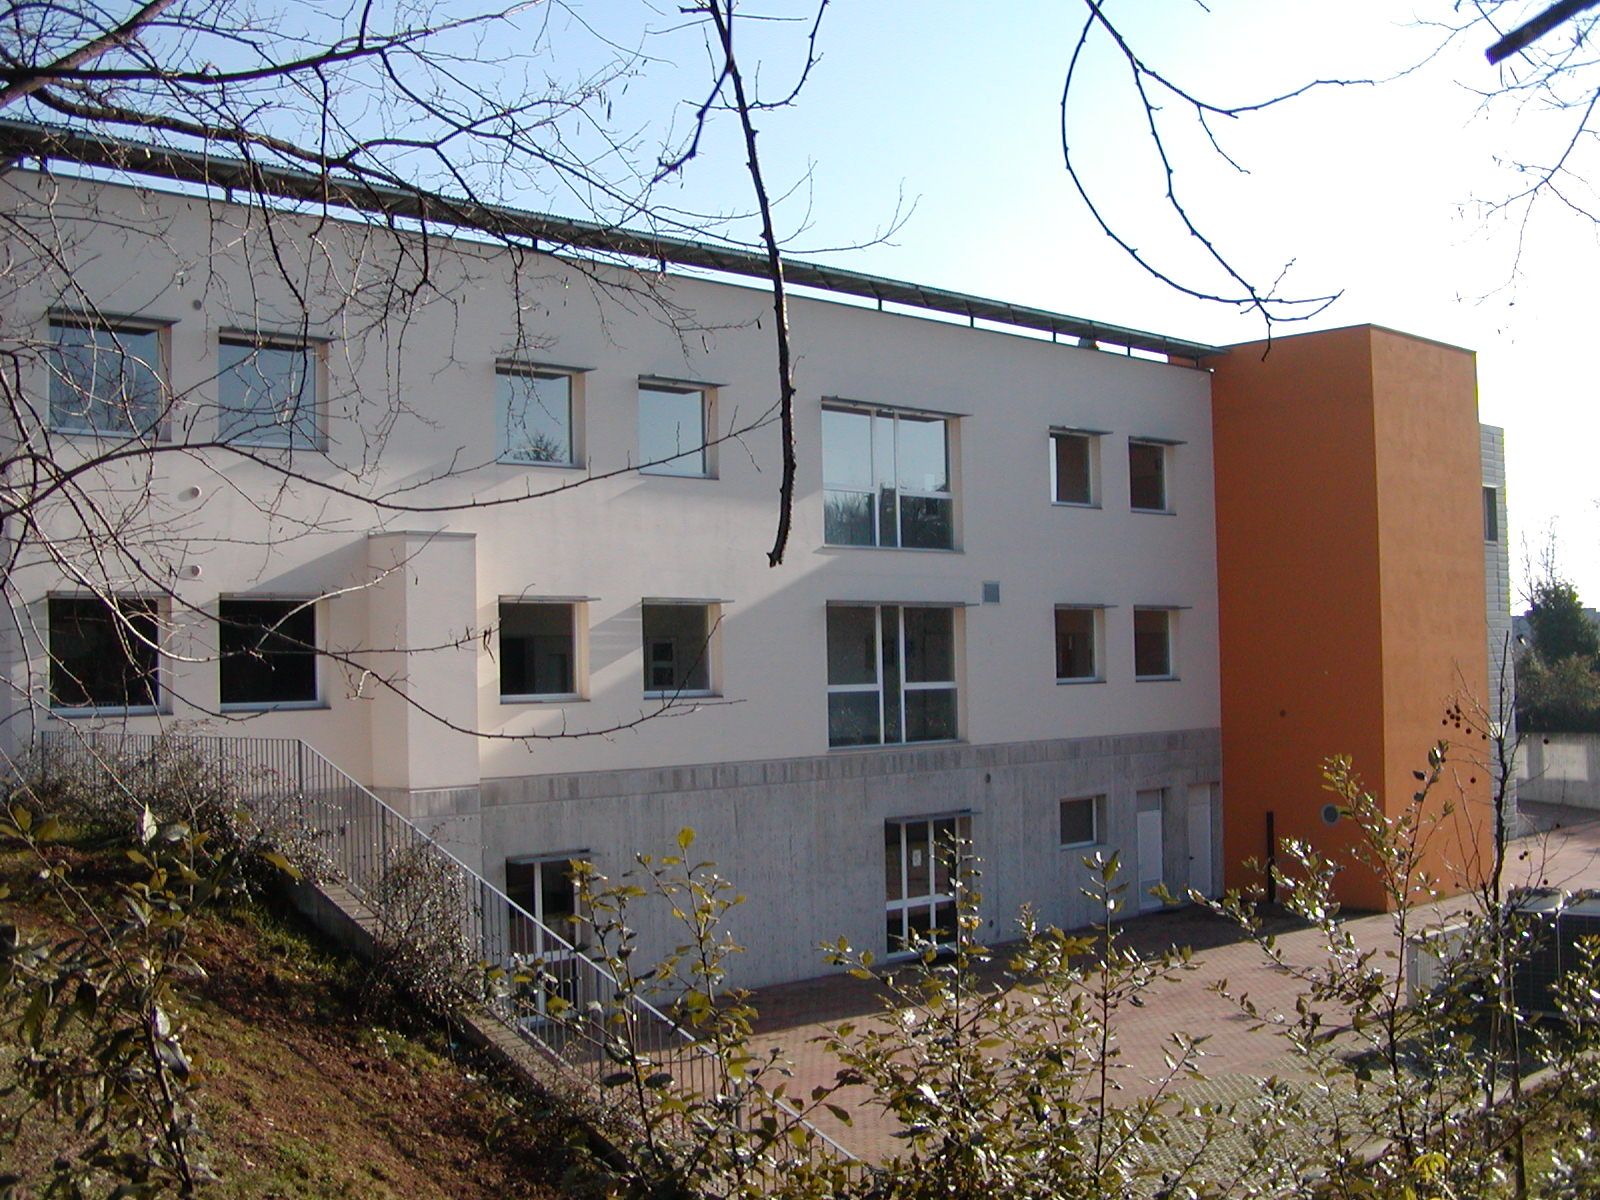 Studio-di-architettura-Baisotti-Sigala-prgetti19